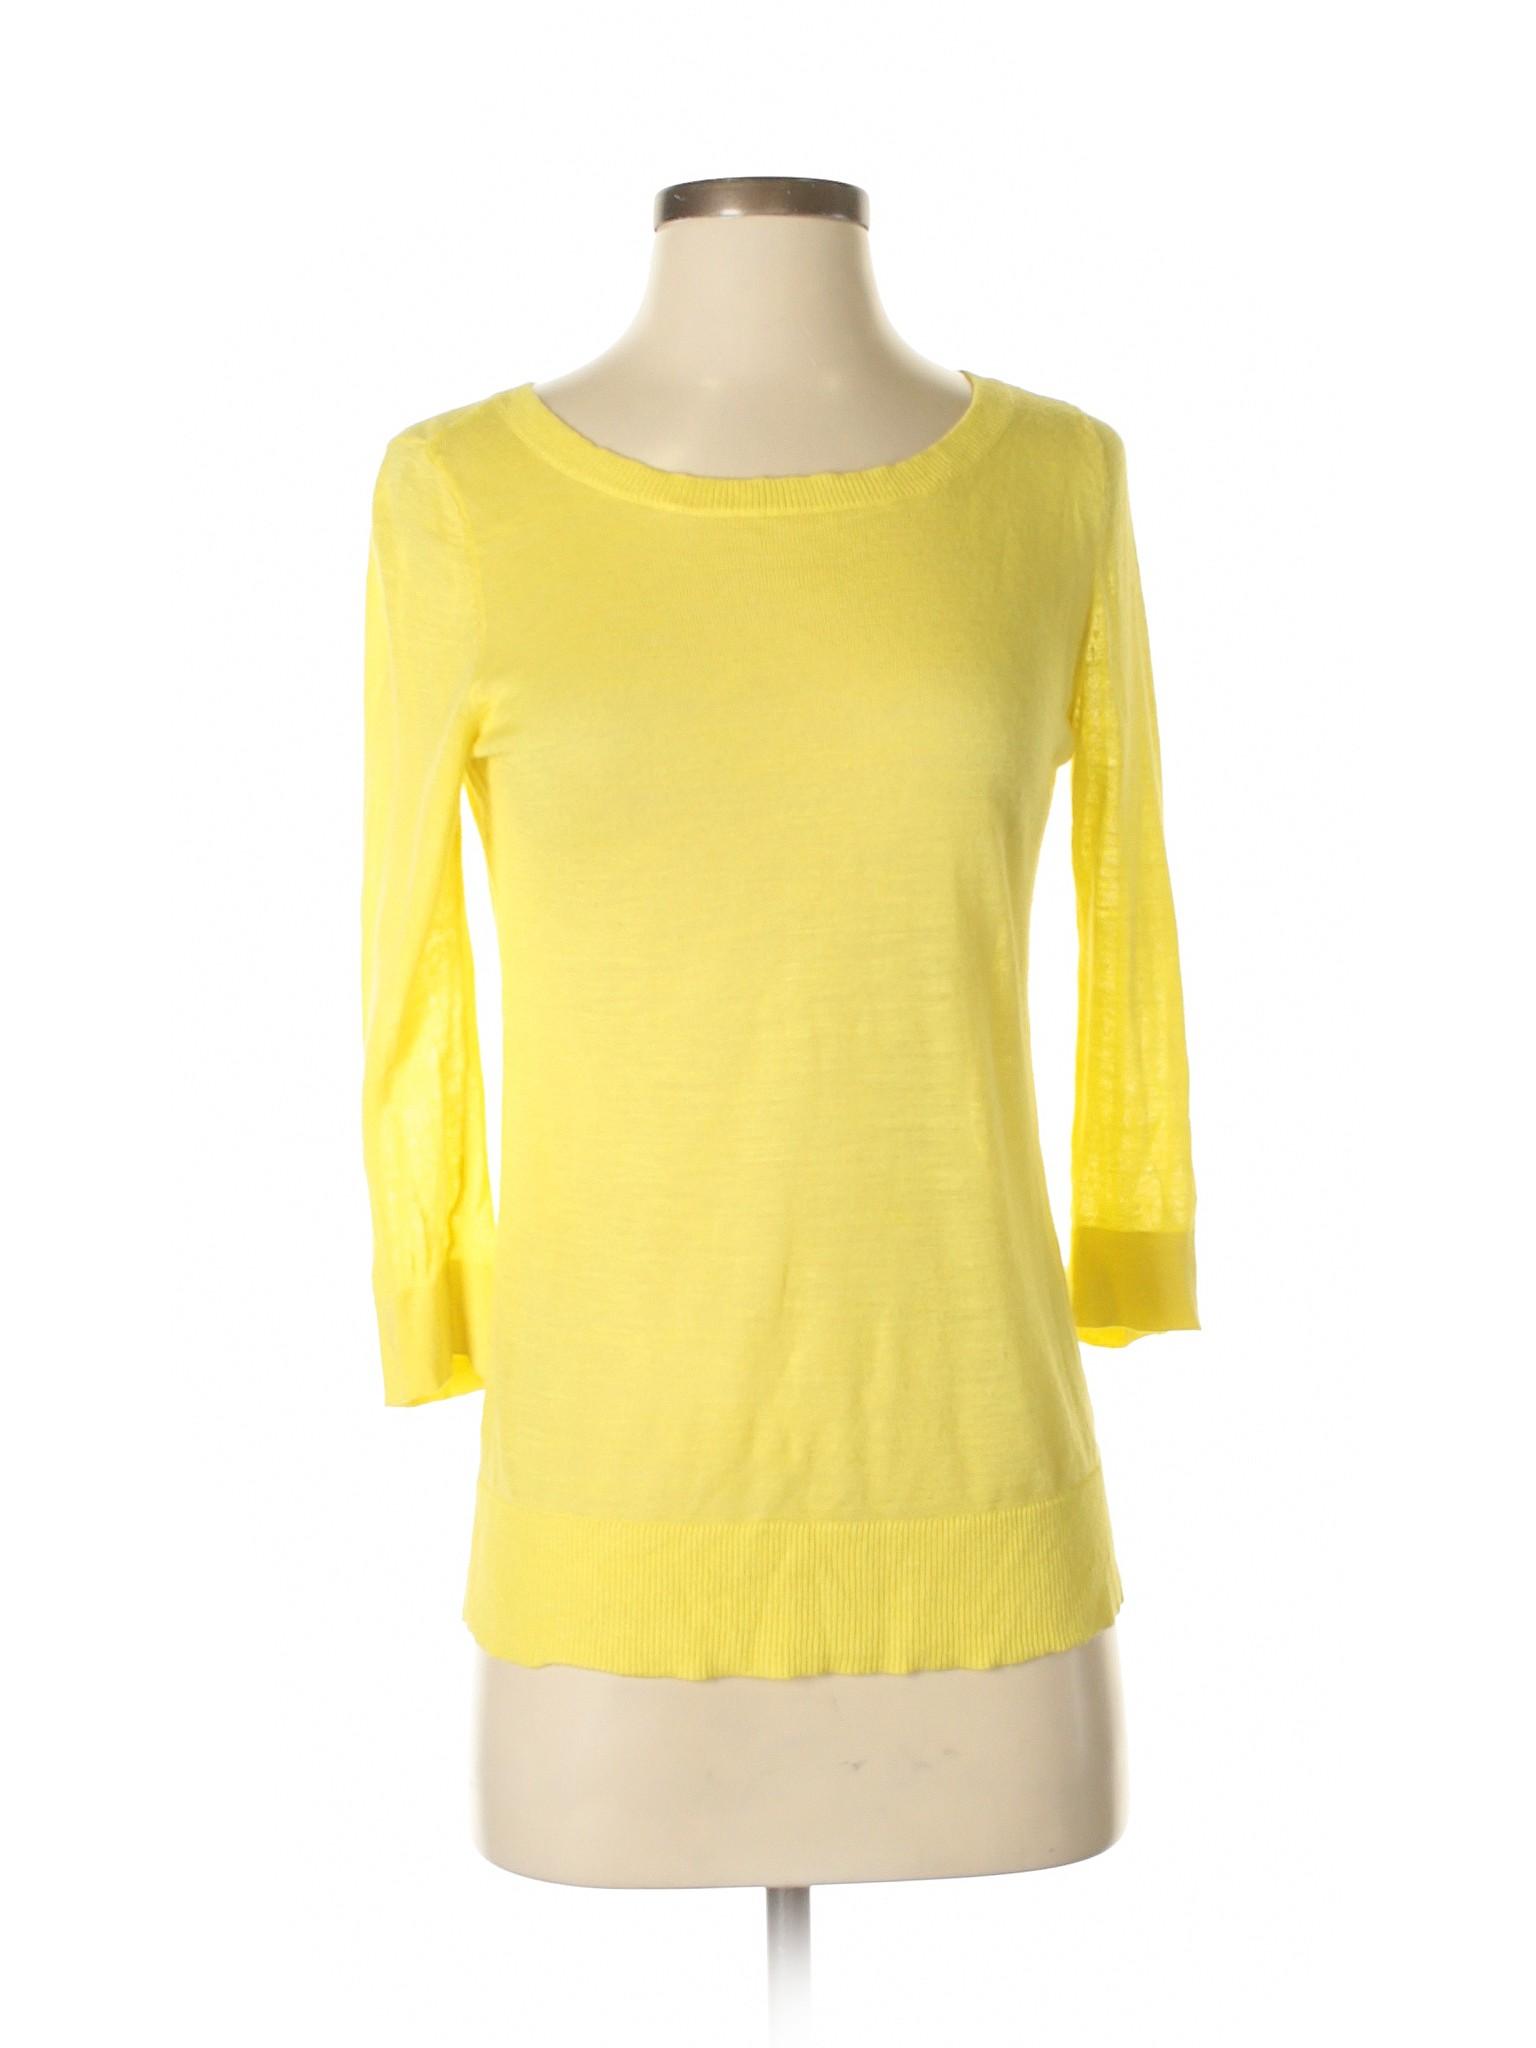 Boutique Taylor Ann LOFT Sweater Pullover SpO4qSw